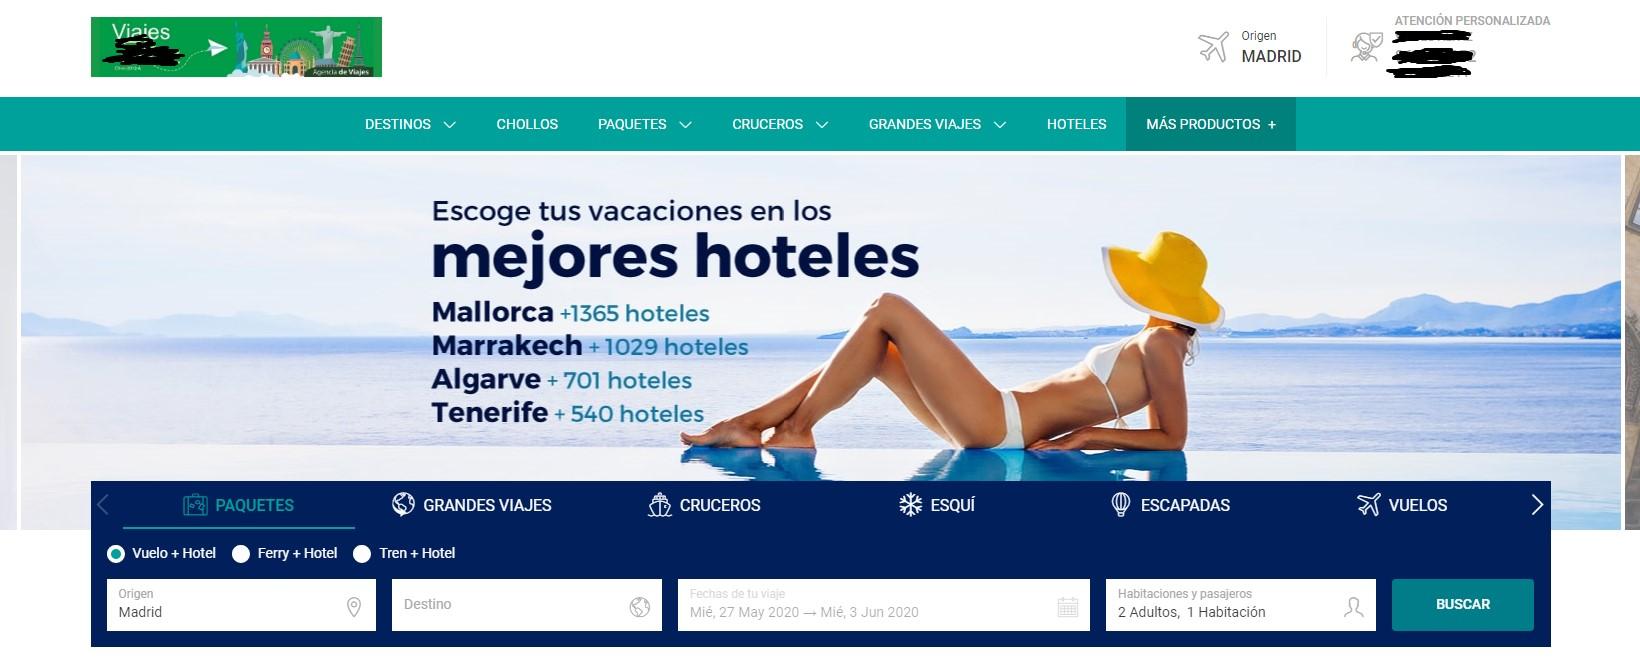 Ejemplo de agencia de viajes con web de marca blanca